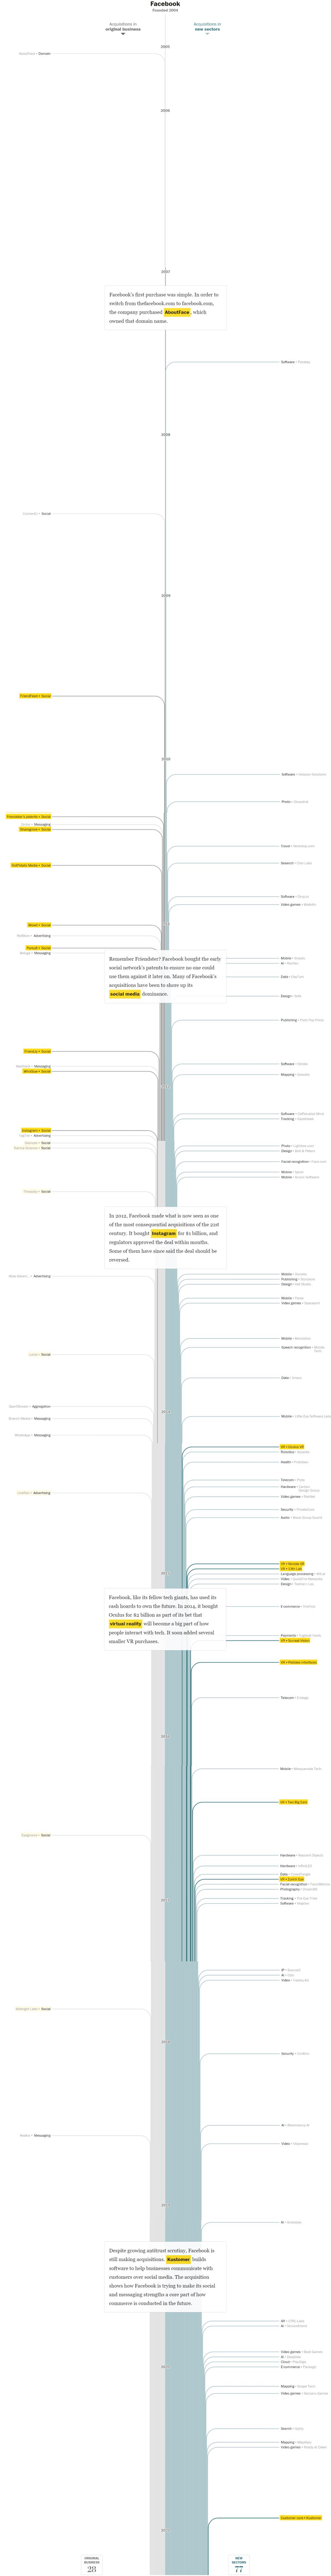 페이스북 인수합병 역사, 연도별 인포그래픽 by Washington Post